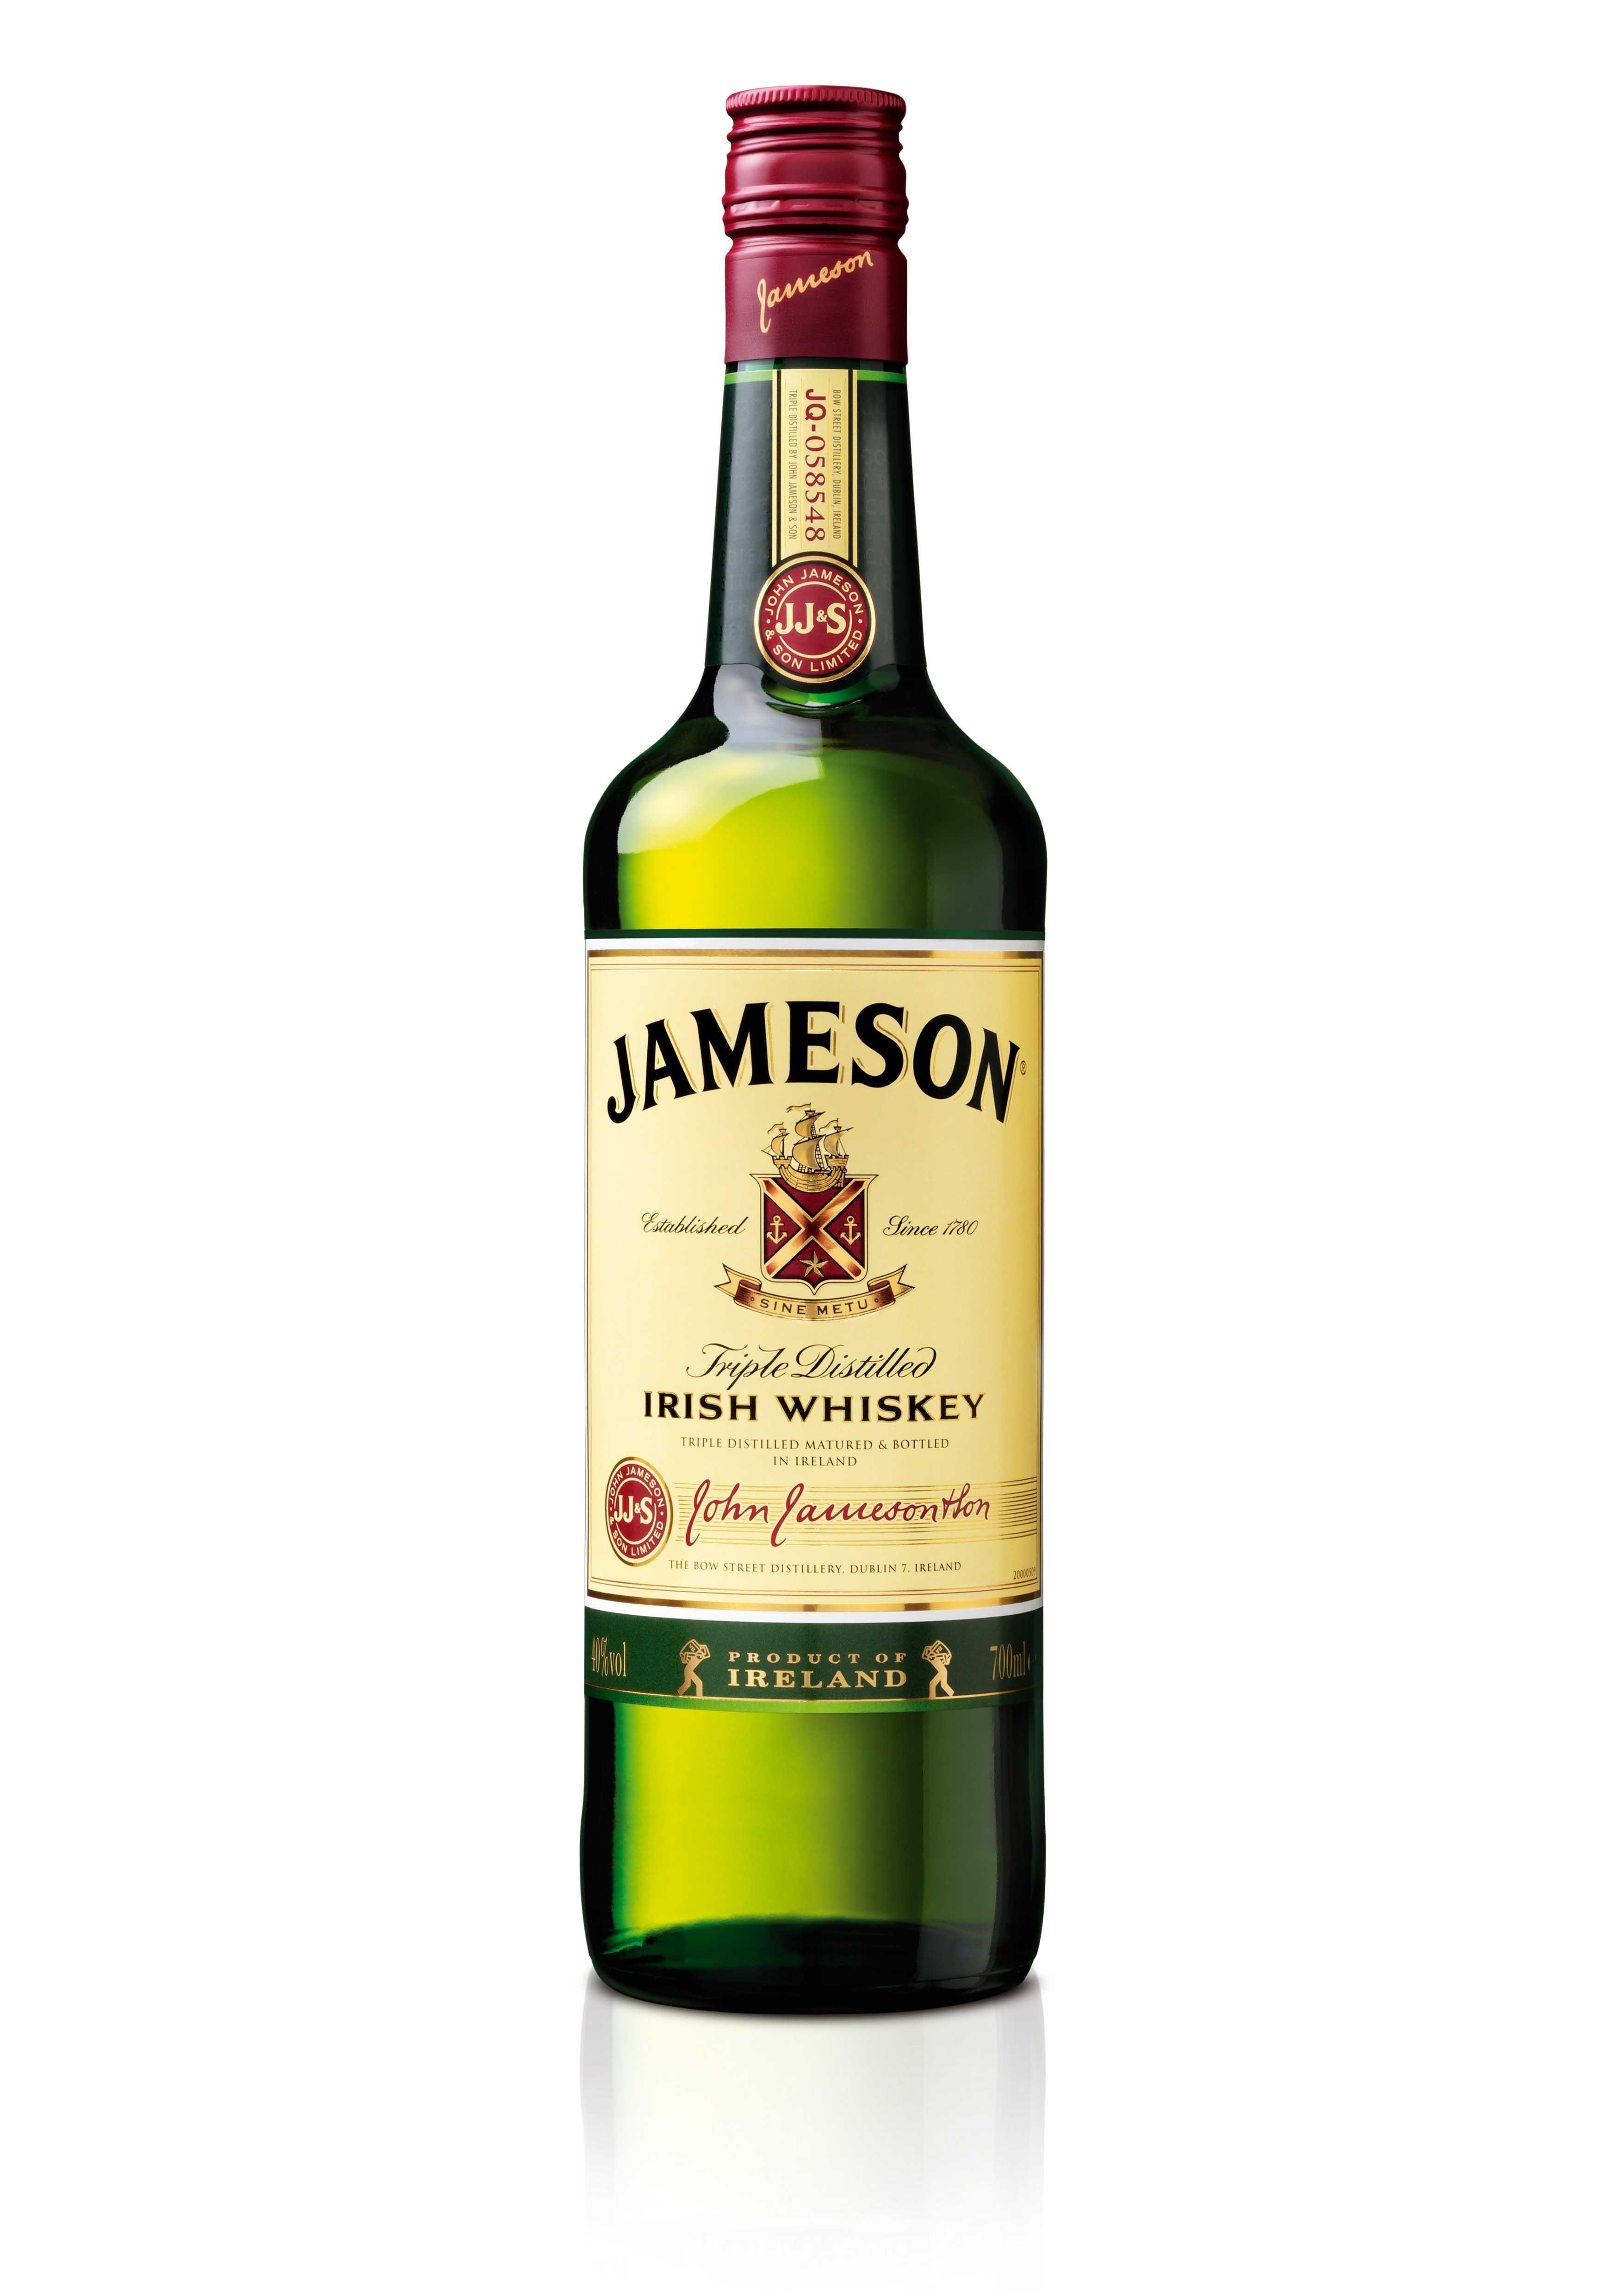 Jameson_Bottle_Shot_Hi_Res